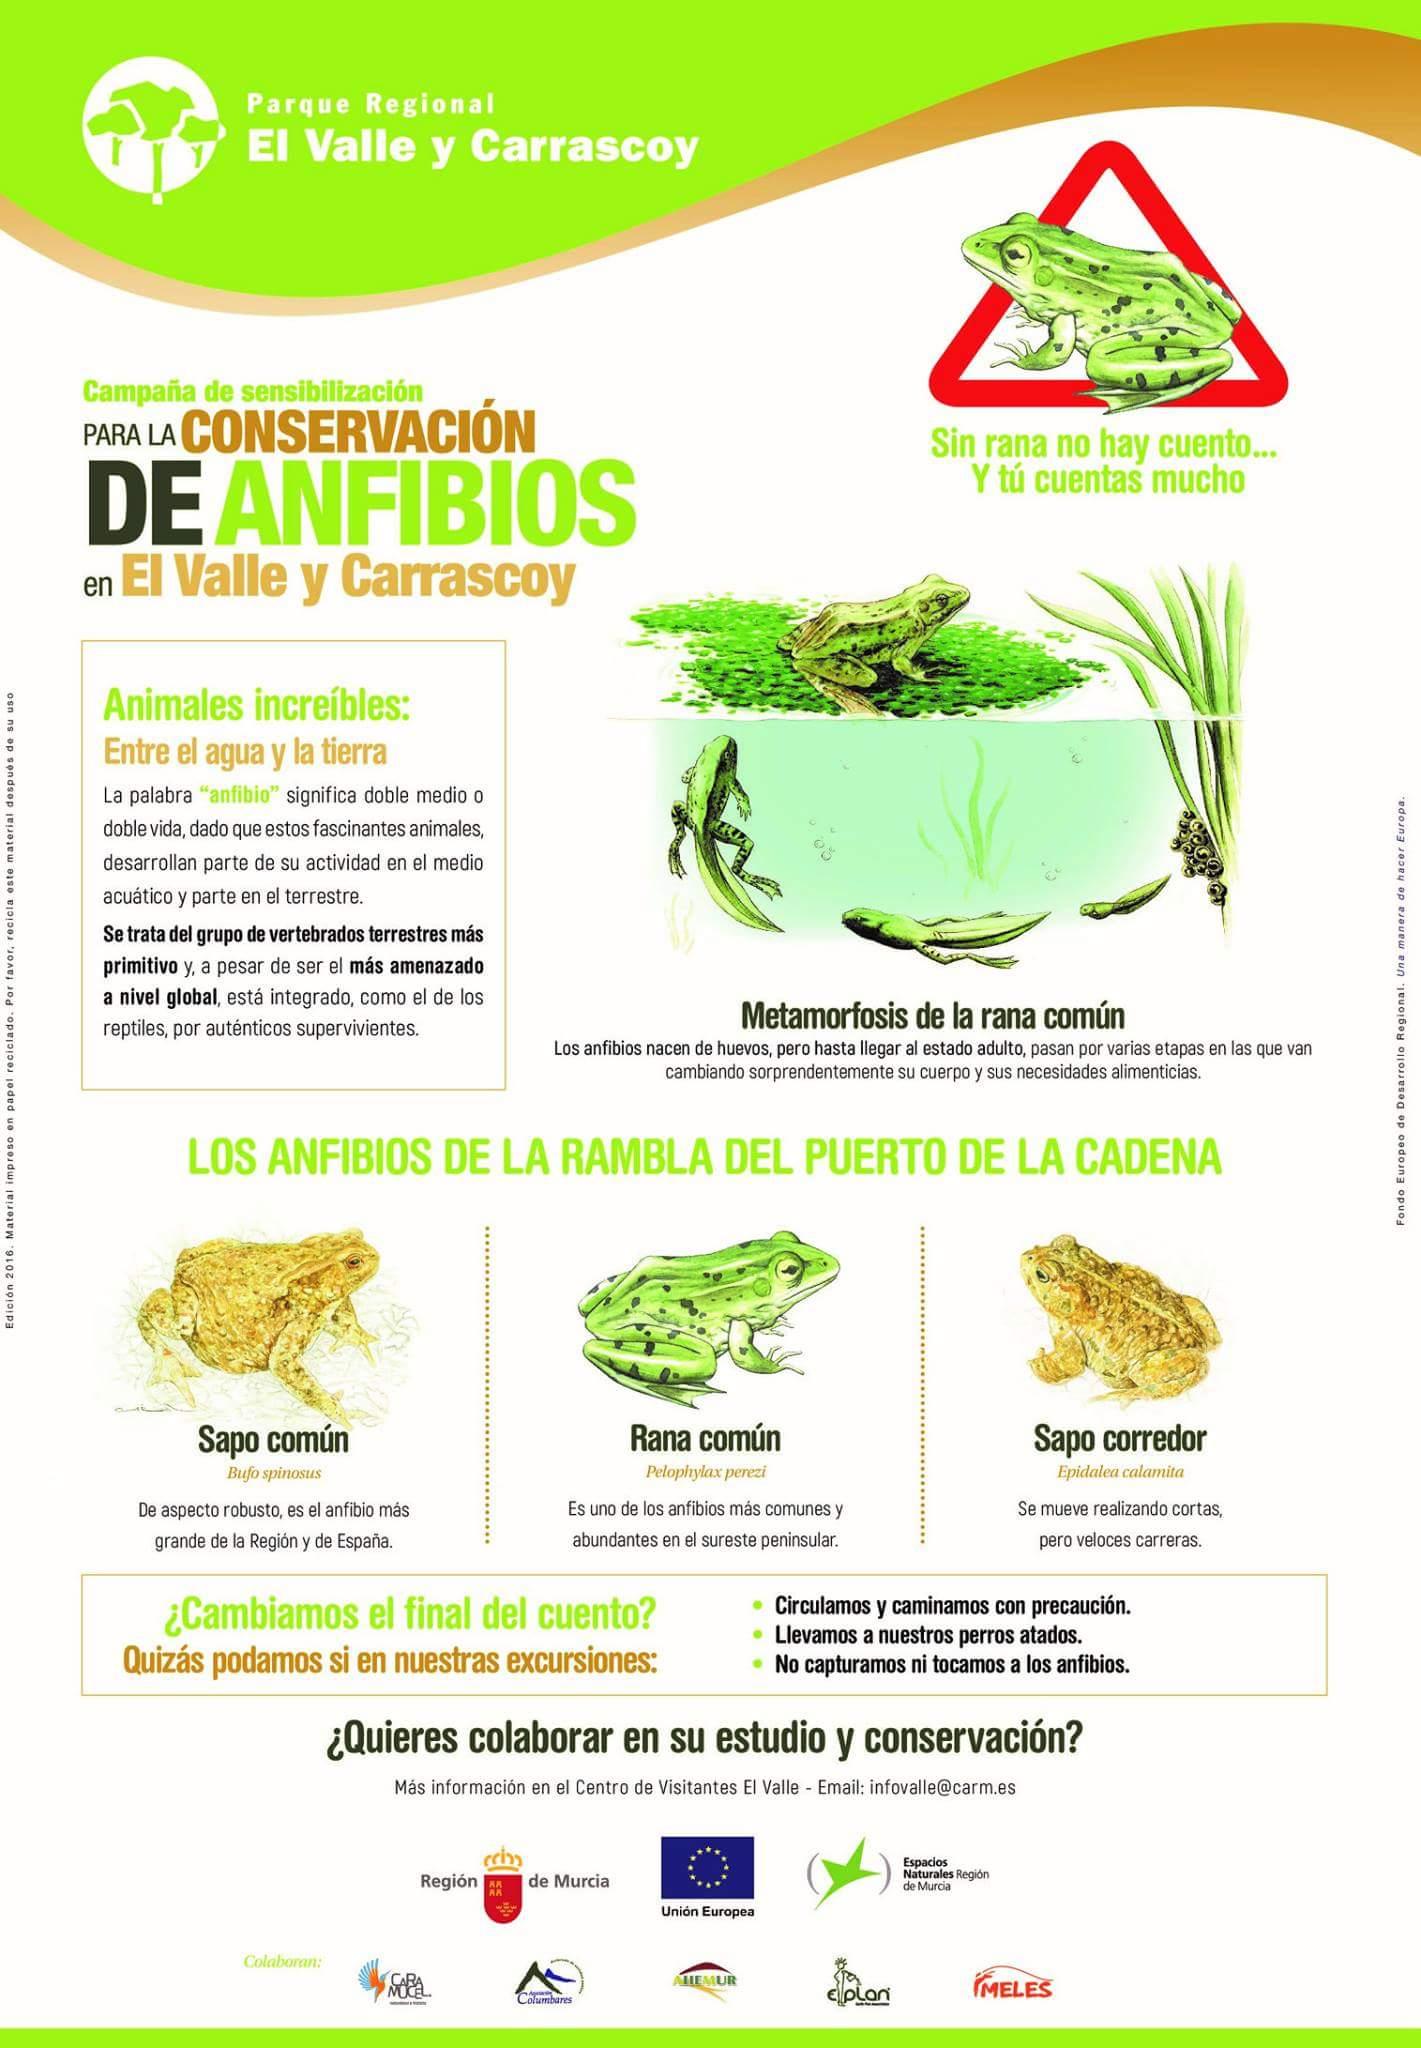 Detalles de los anfibios que pueblan el PR El Valle y Carrascoy